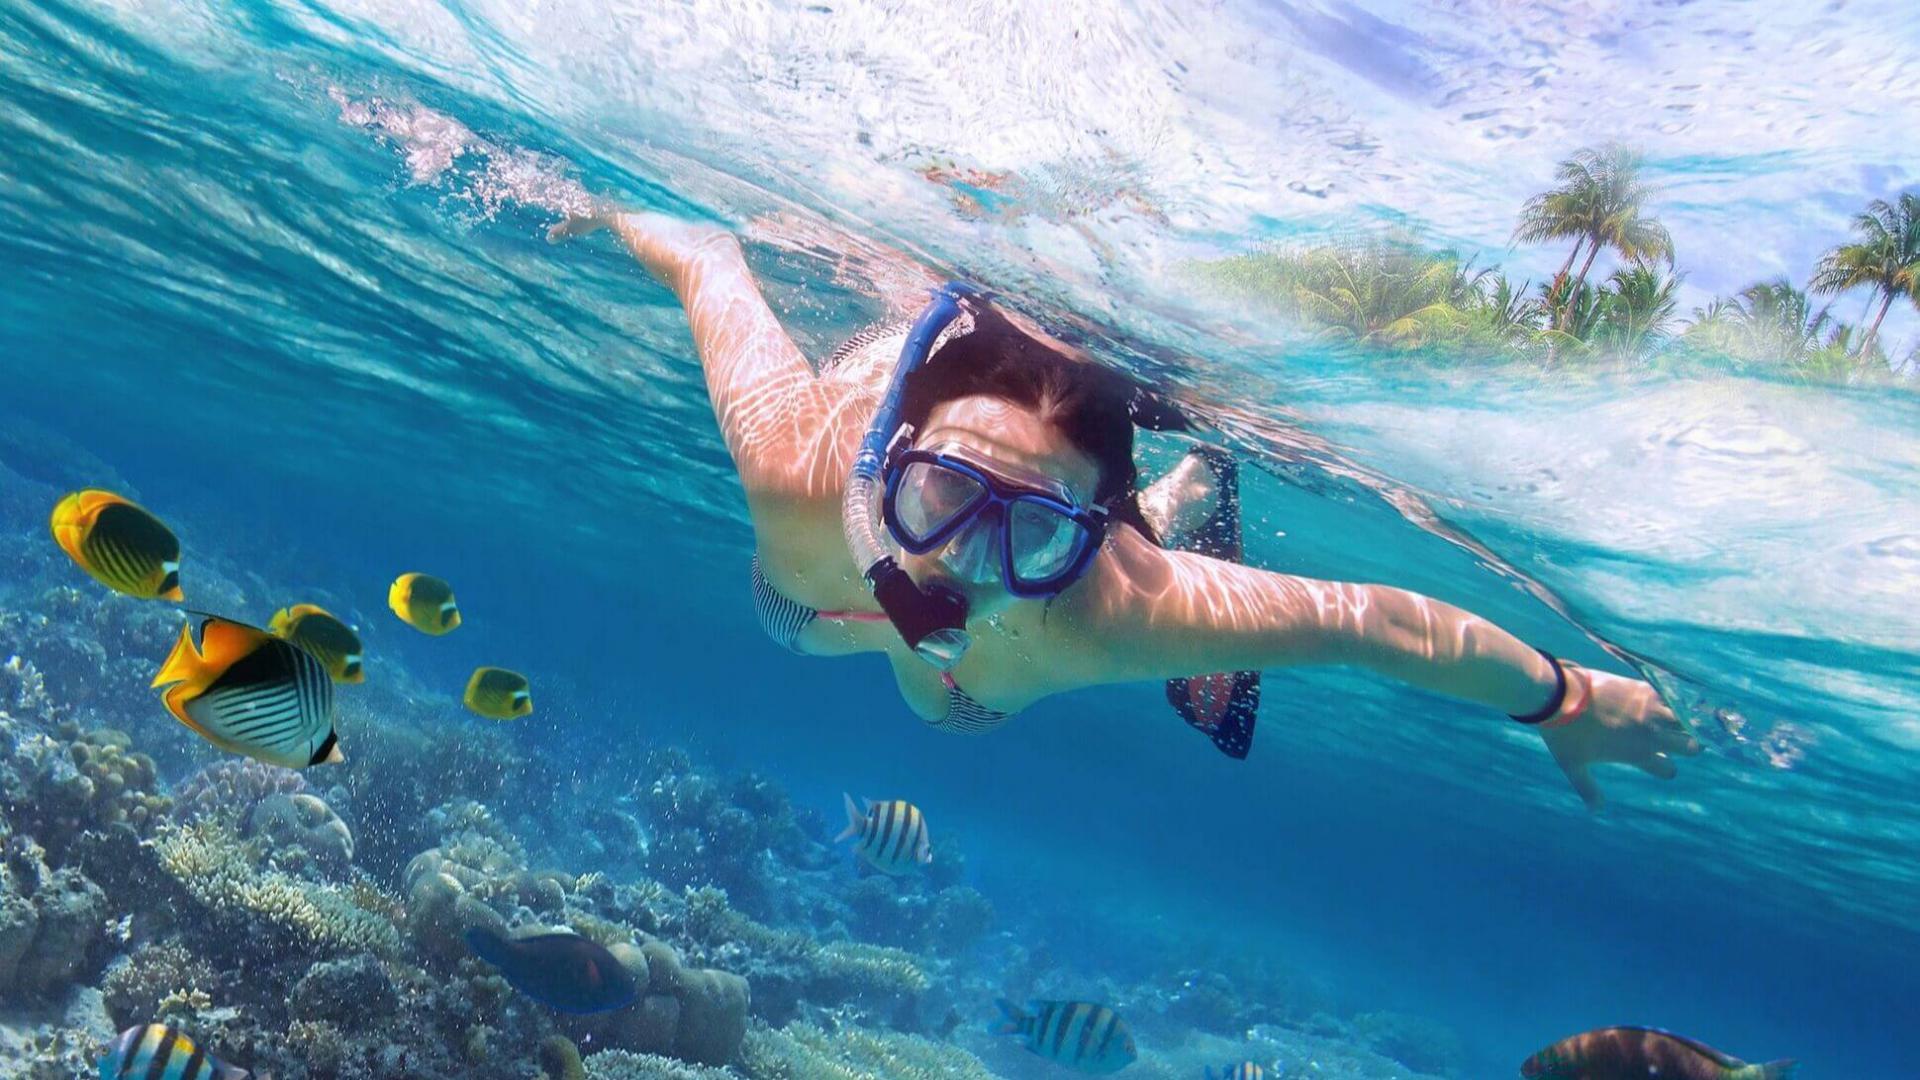 Leiskitės į pažintį su povandeniniu gyvenimu Ramiajame vandenyne